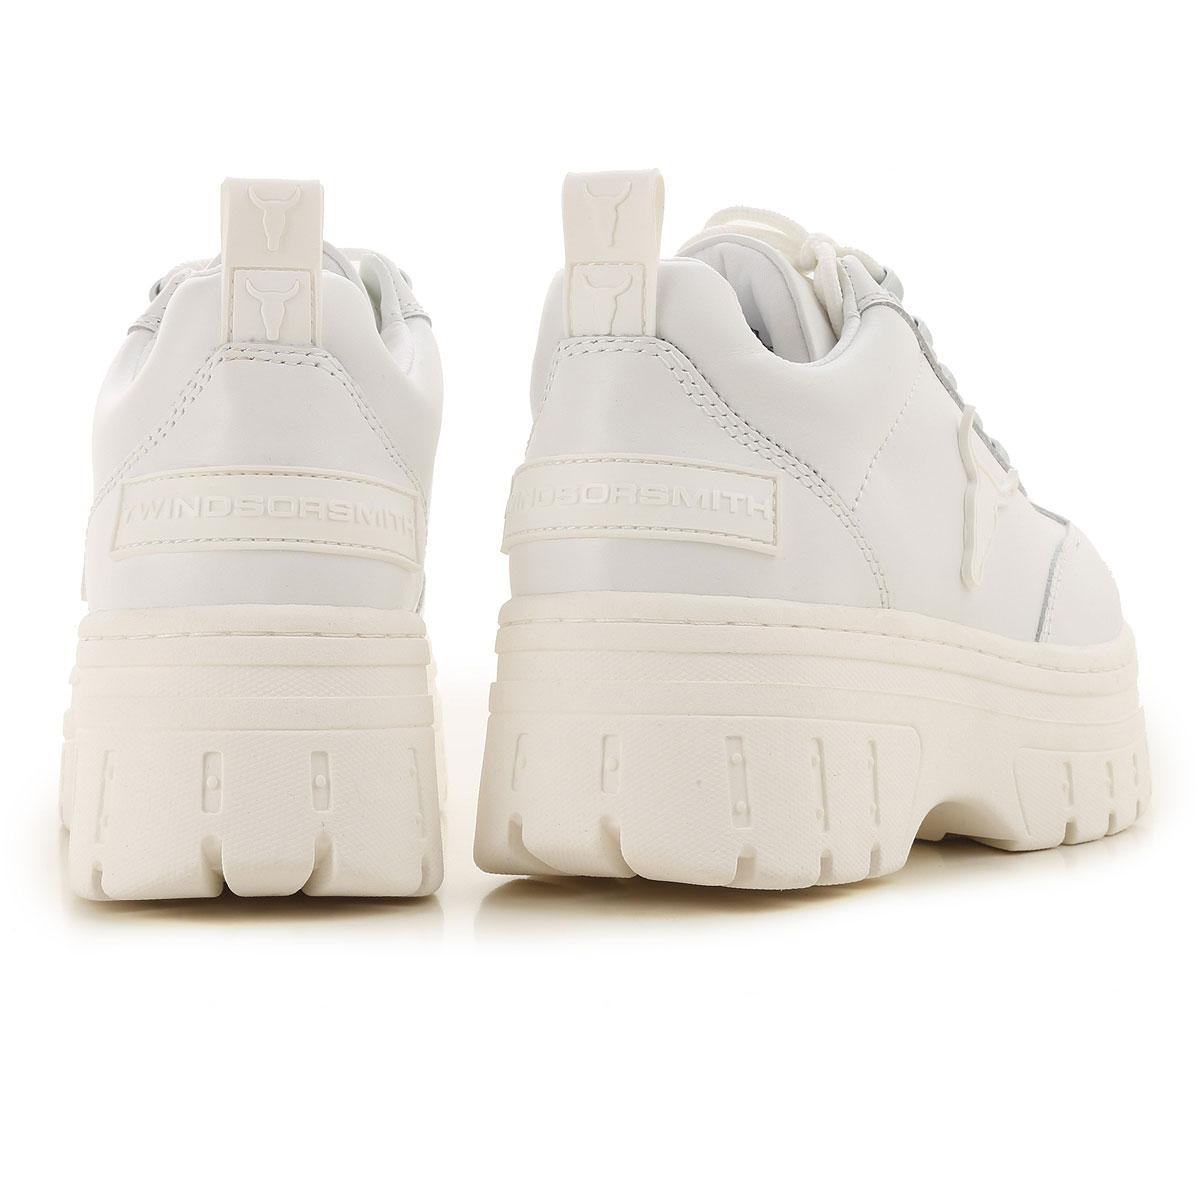 Cuñas para Mujer Windsor Smith de color Blanco